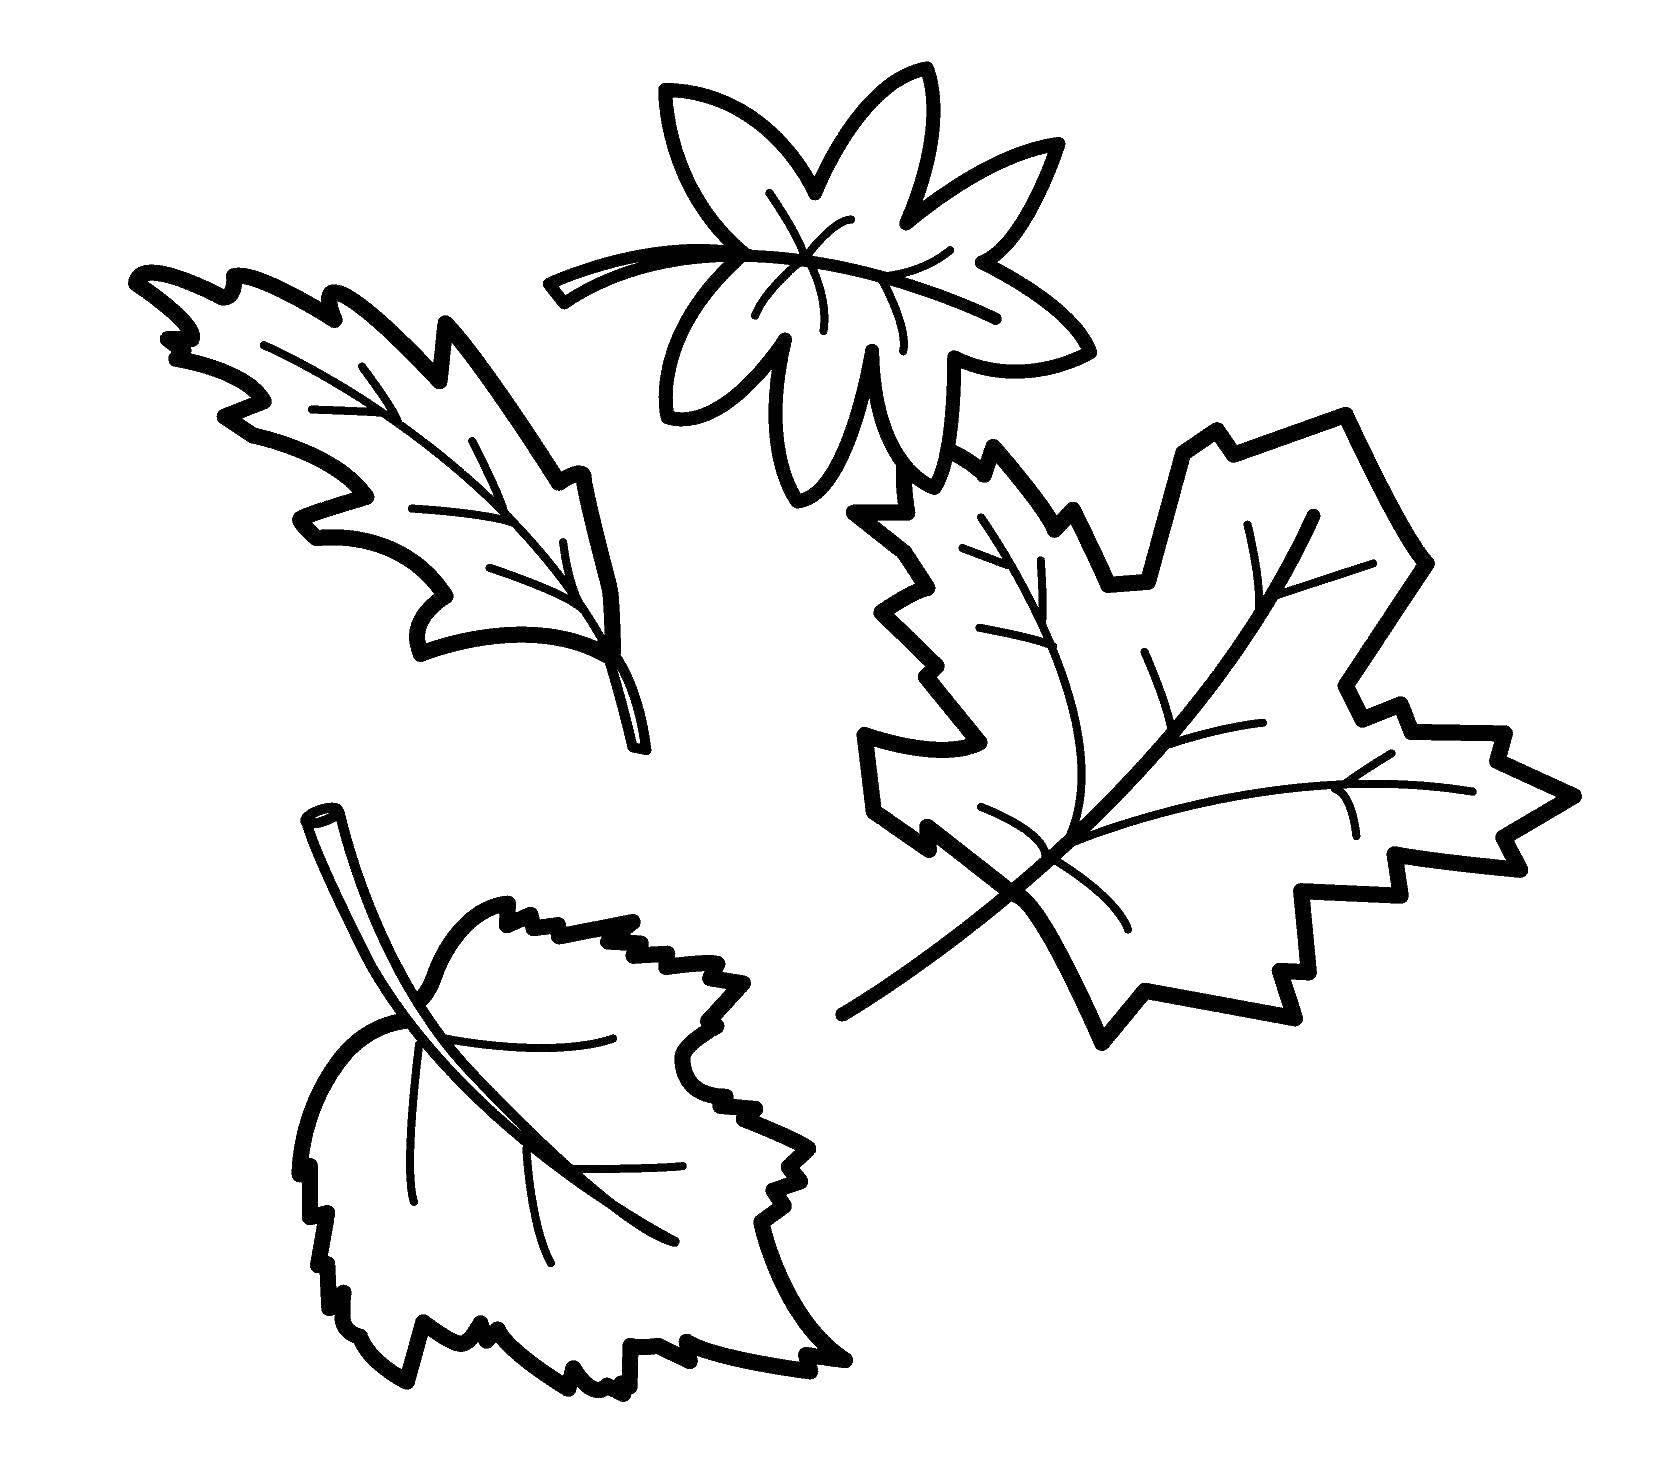 печать чехлах картинка раскраска осенний лист бревен